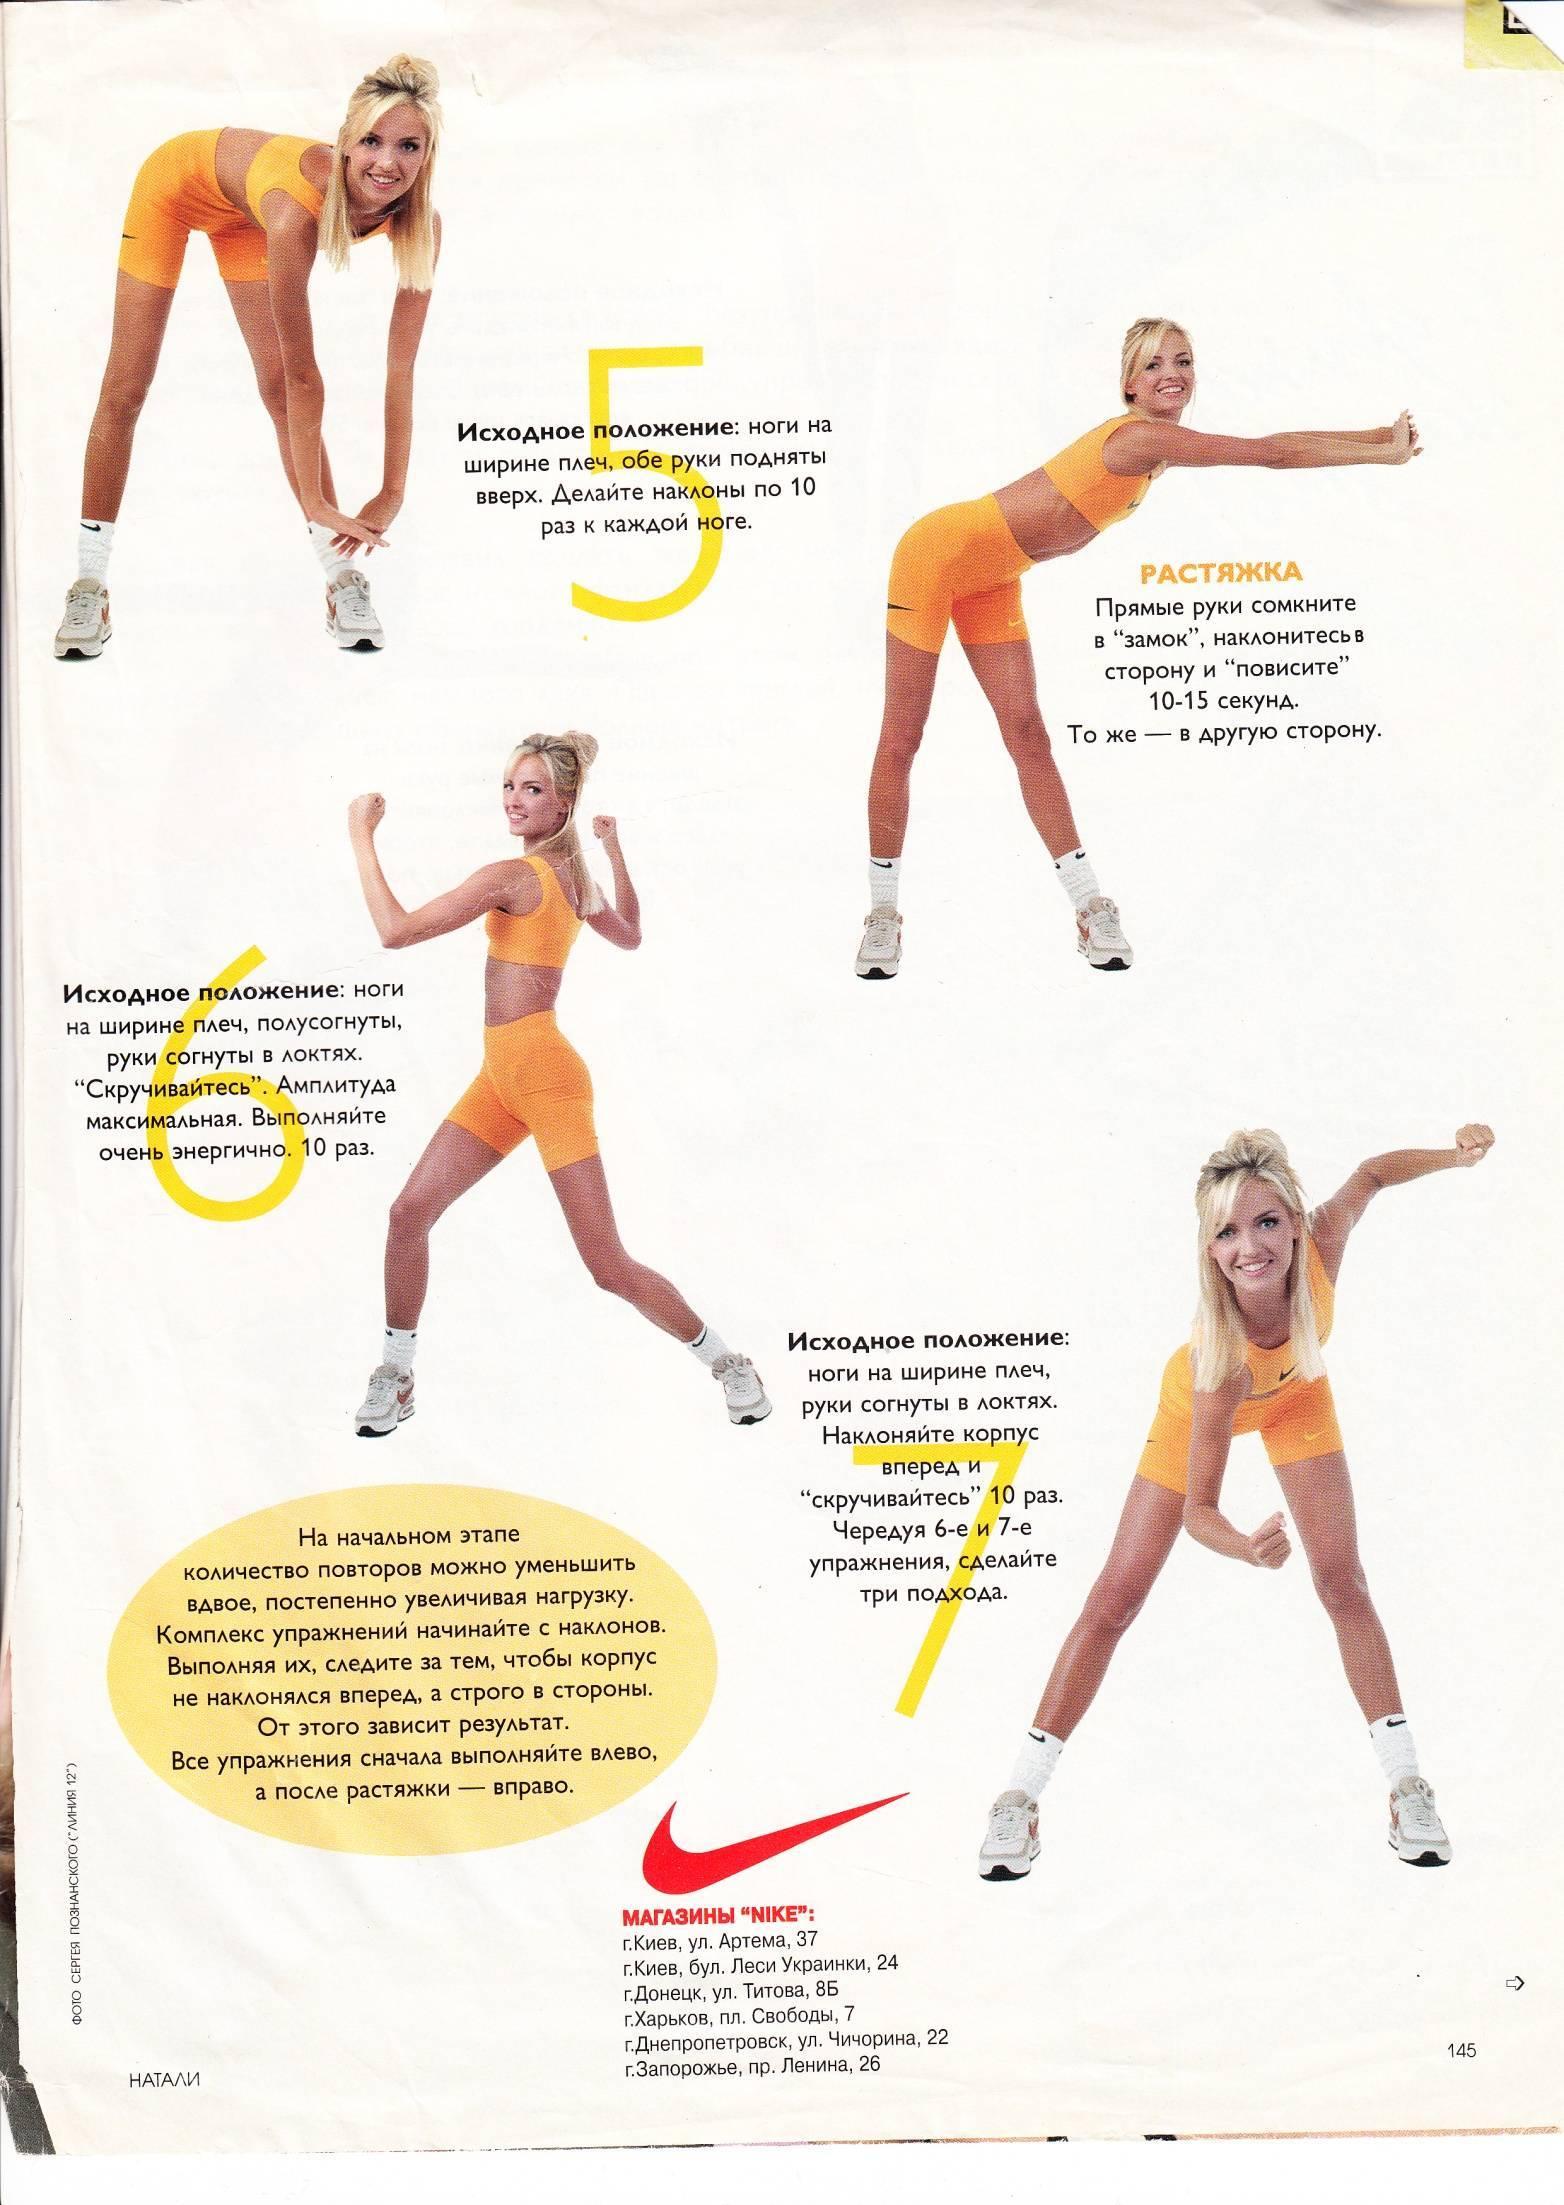 Как сделать тонкую талию и широкие бедра: упражнения, питание и советы тренера